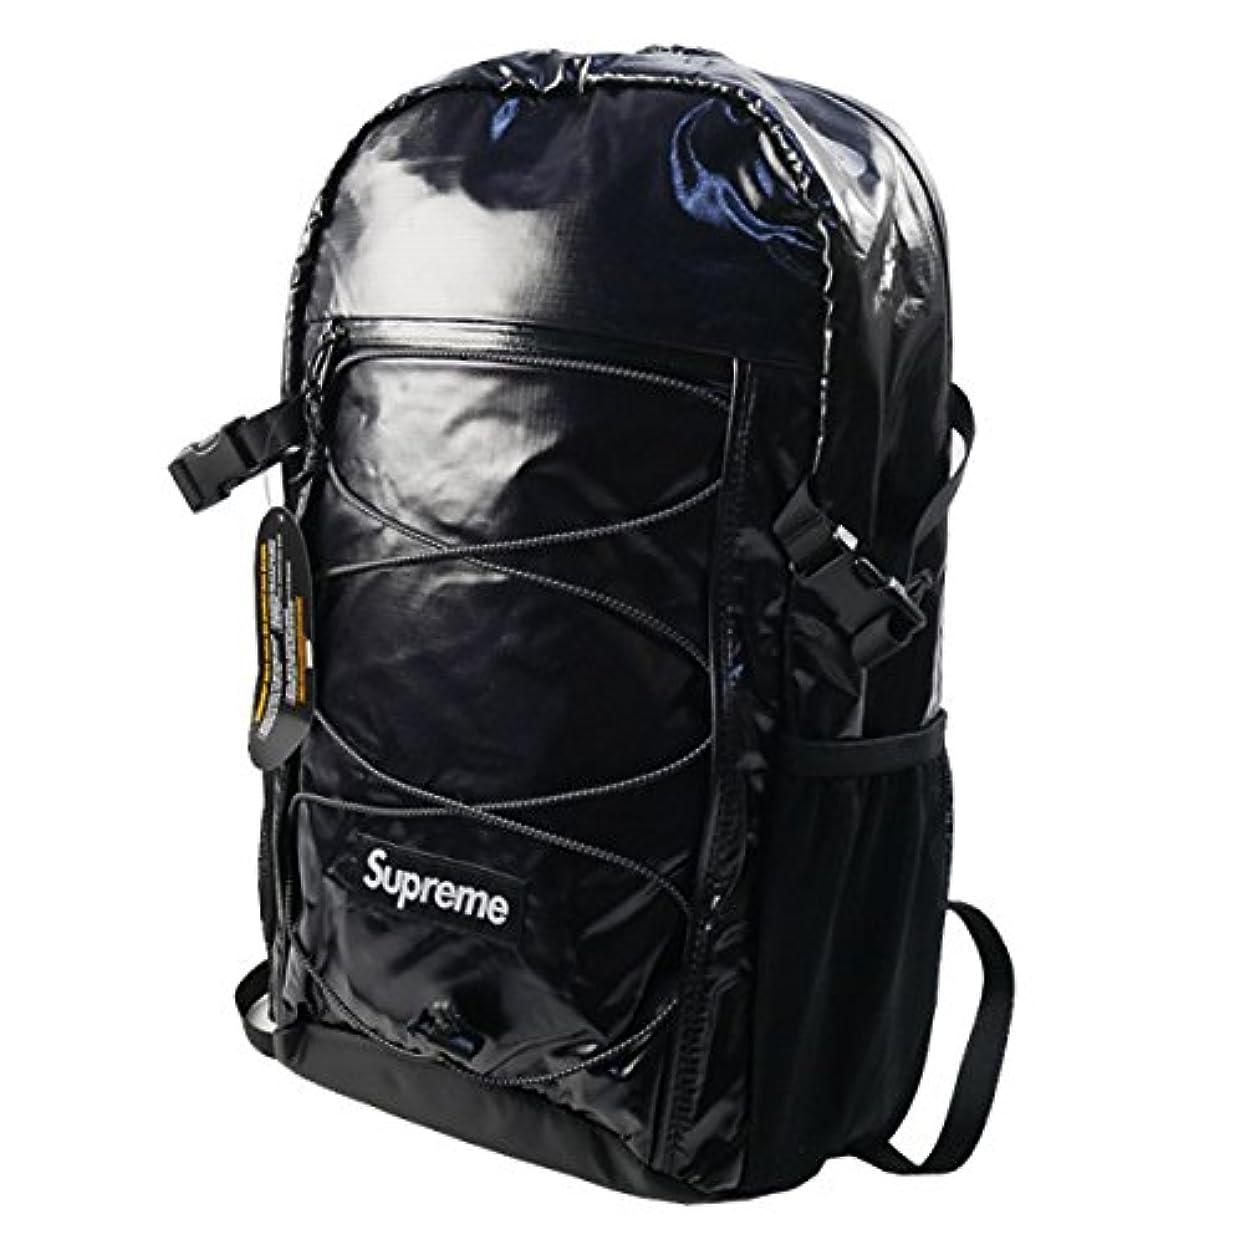 委任雄弁なゲージSupreme Backpack 17FW (シュプリーム バックパック 17FW)[J.Nセレクト] (Black)